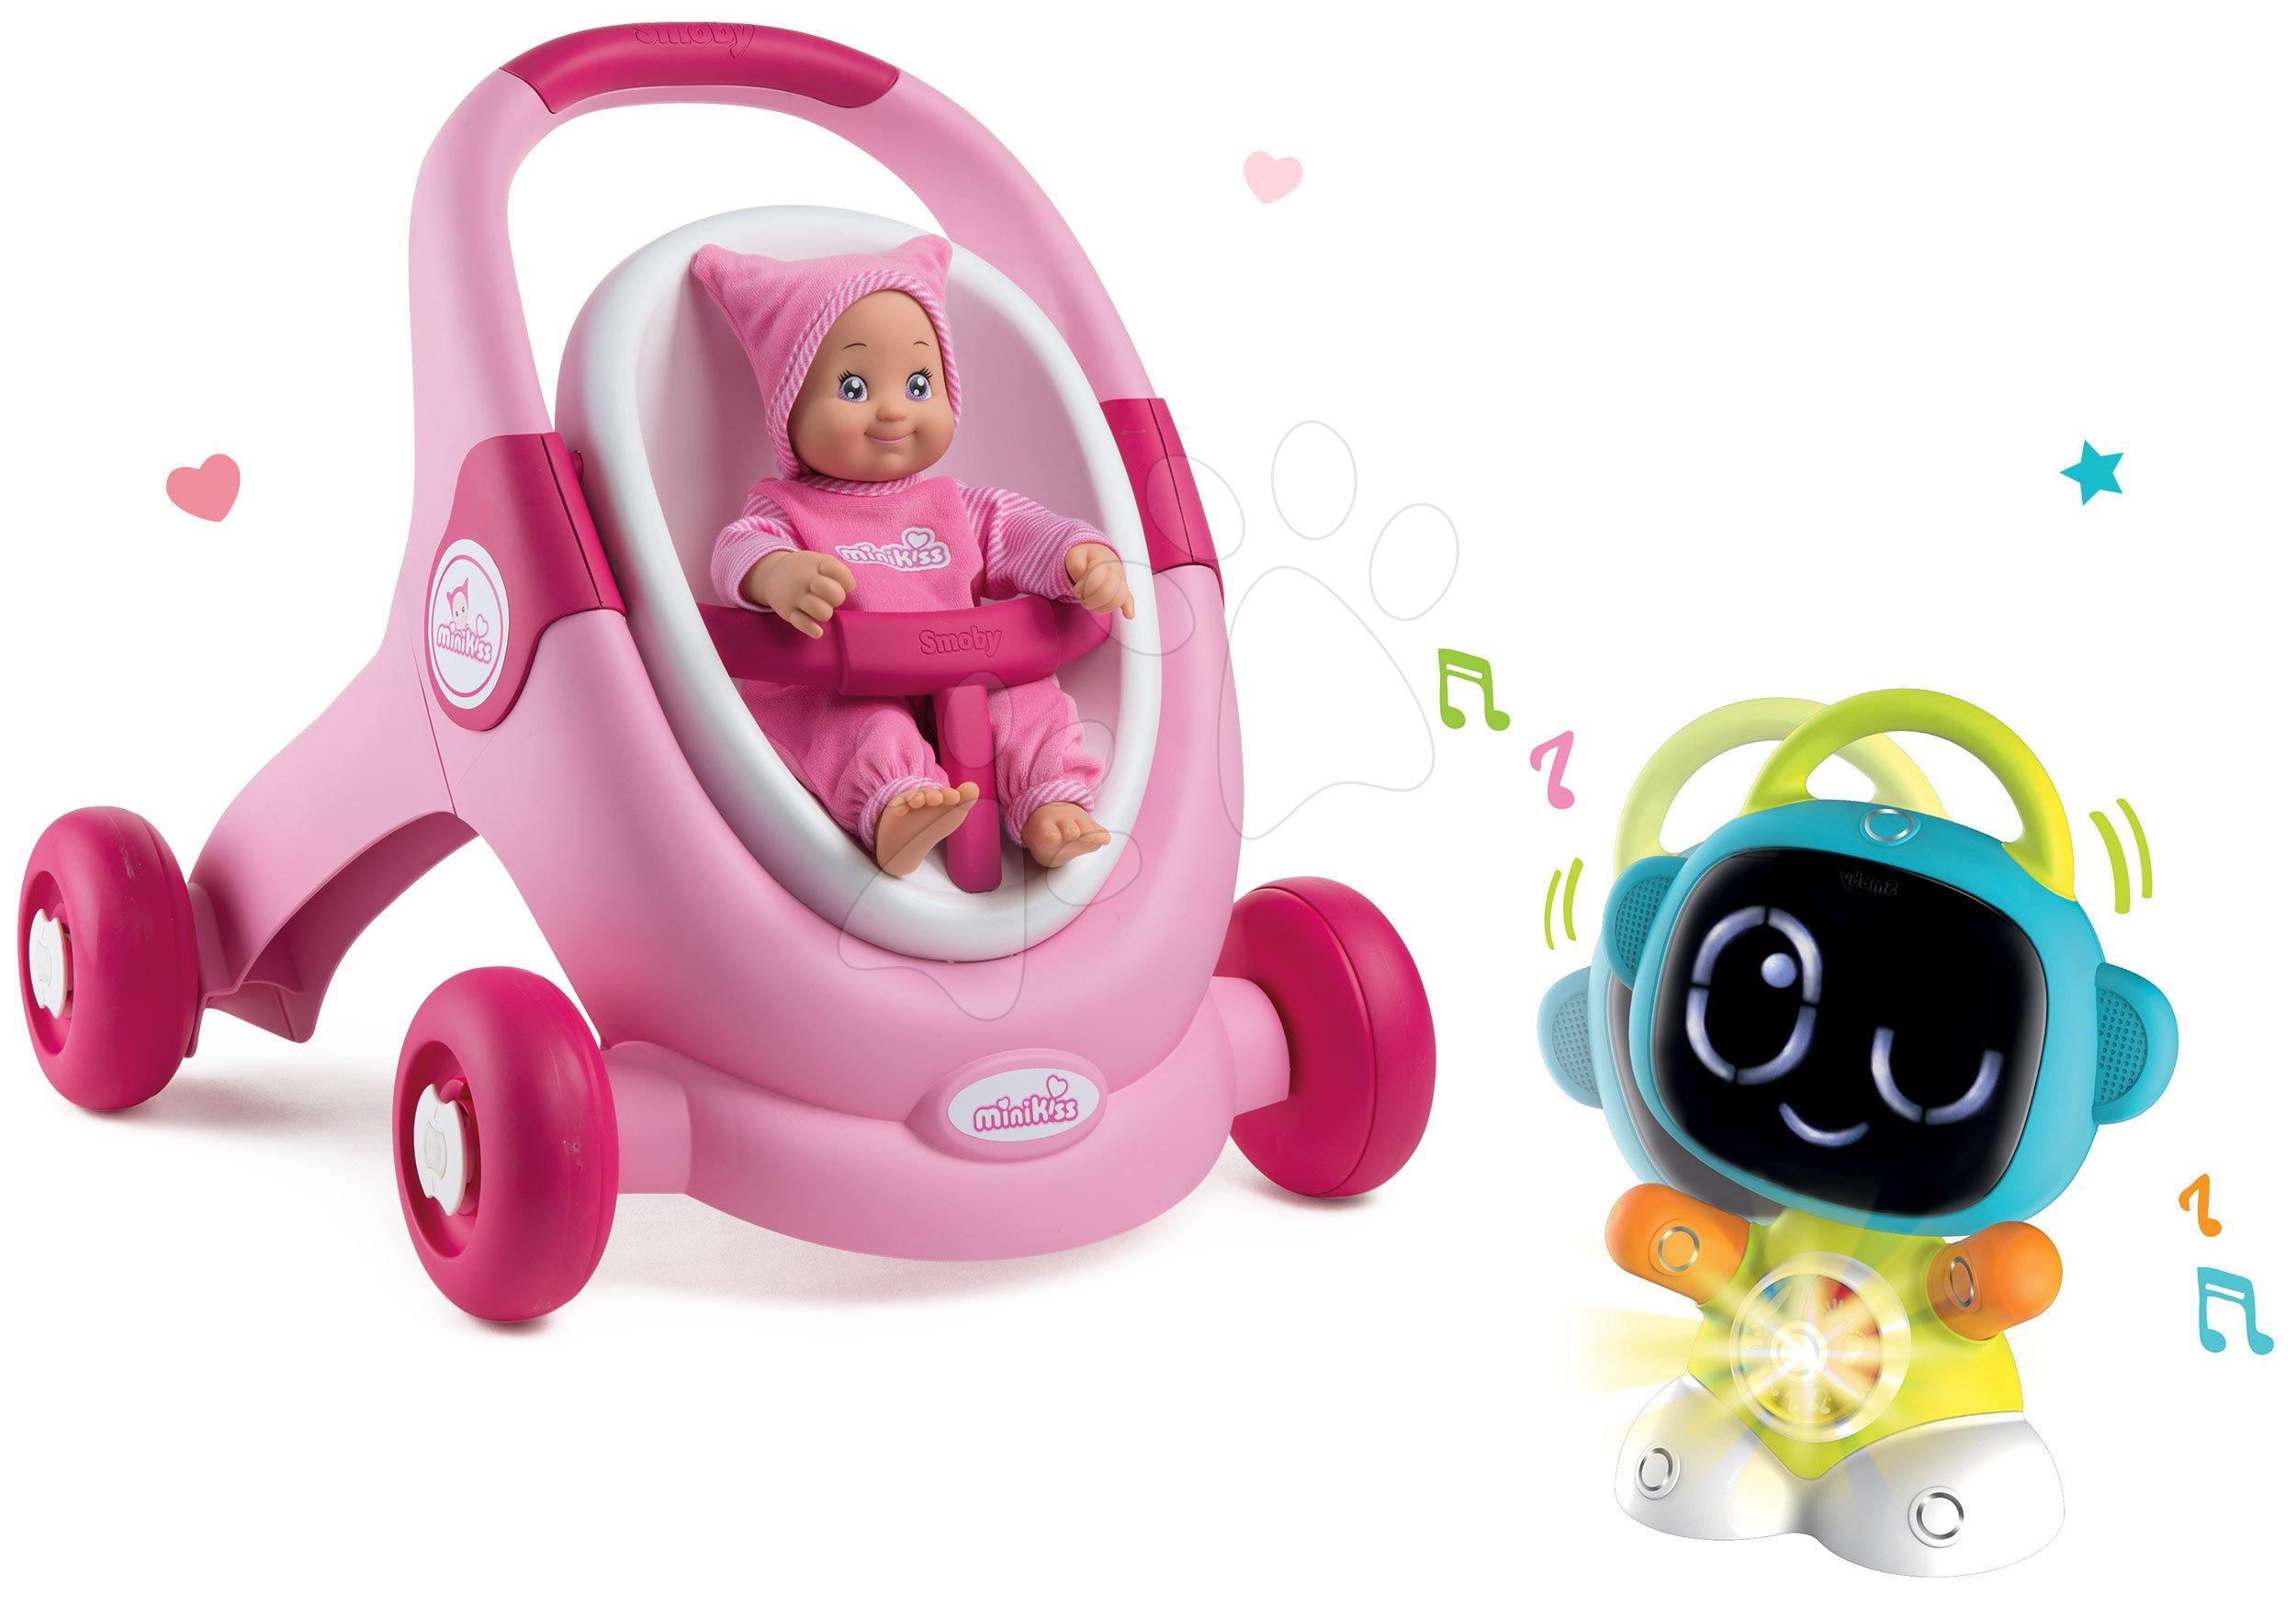 Set chodítko a kočárek s autosedačkou MiniKiss 3v1 Smoby s brzdou a interaktivní Robot TIC Smart Smoby